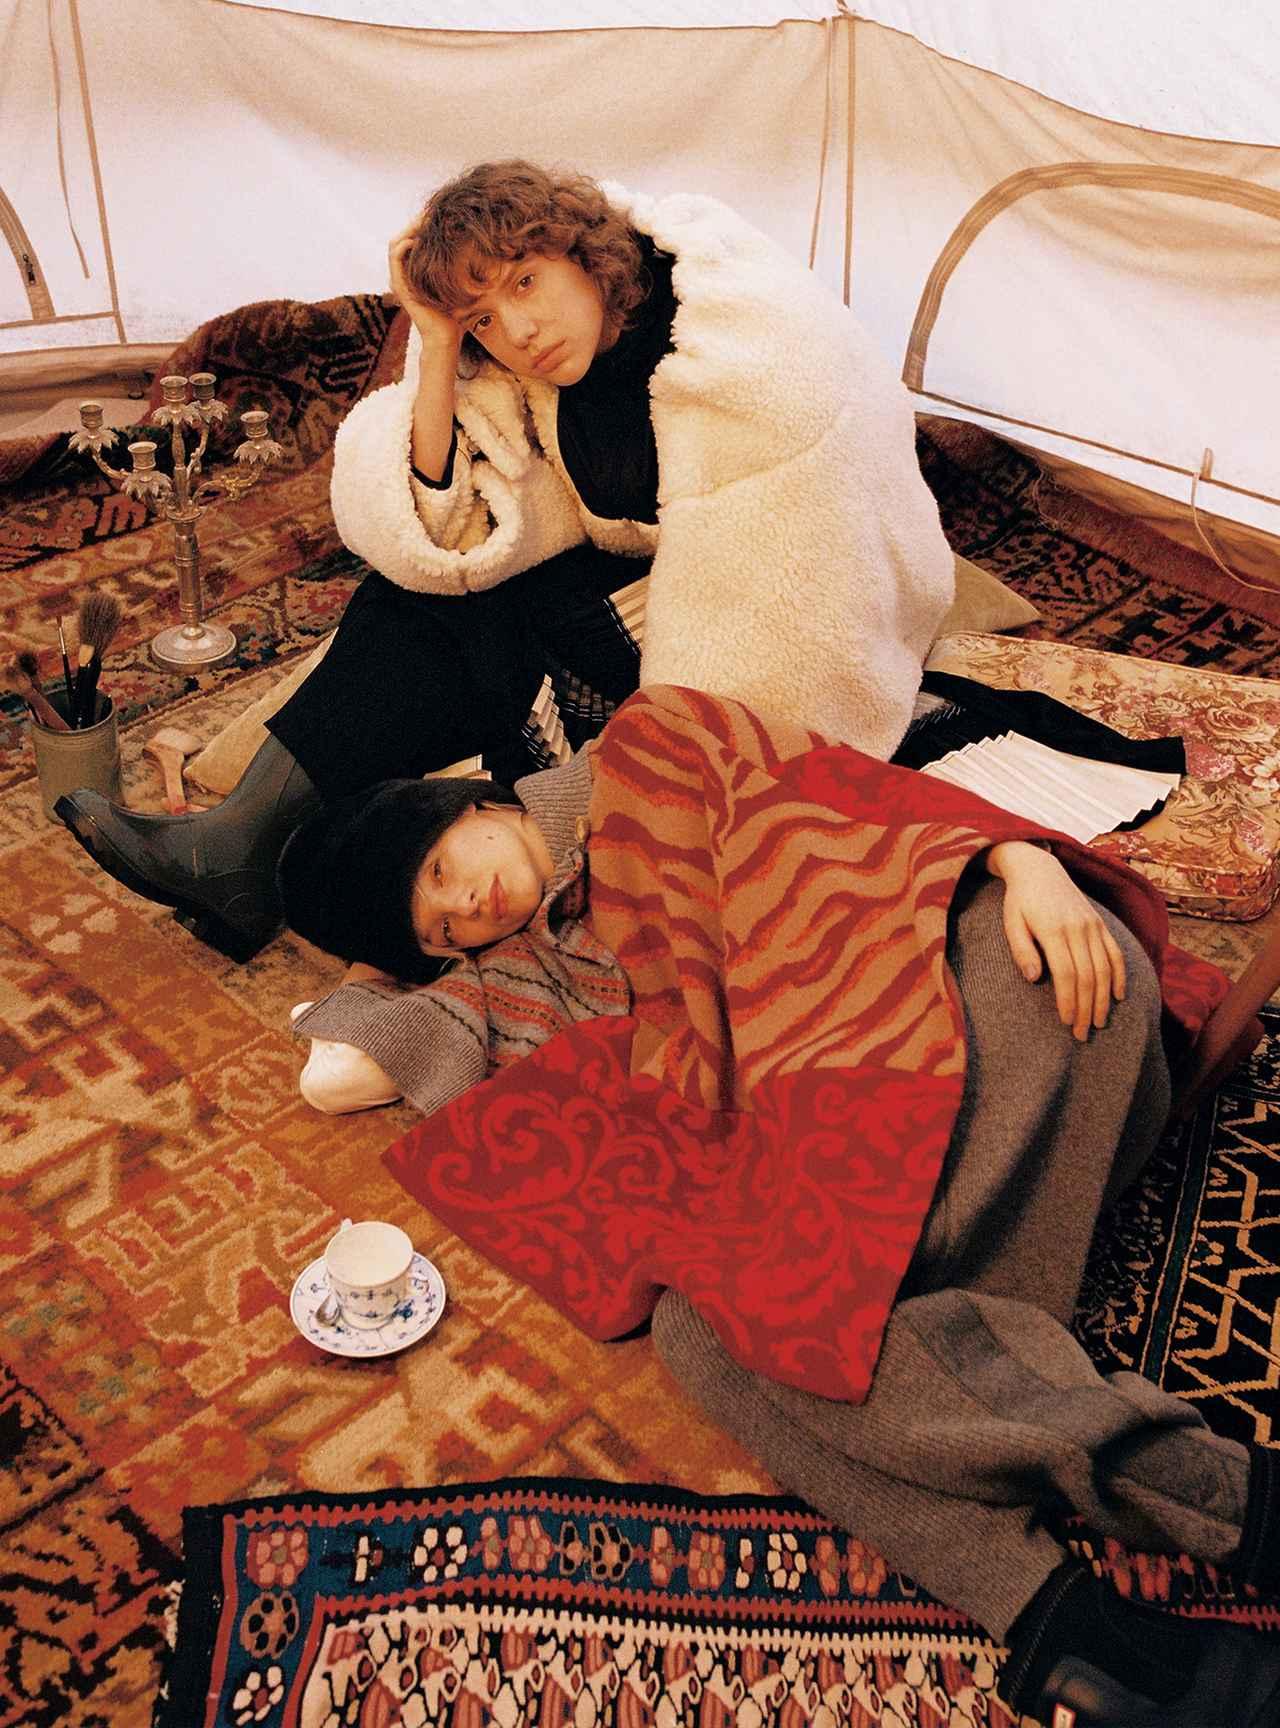 Images : 5番目の画像 - 「モコモコ、ふんわり。 包まれたいのは サスティナブルなぬくもり」のアルバム - T JAPAN:The New York Times Style Magazine 公式サイト